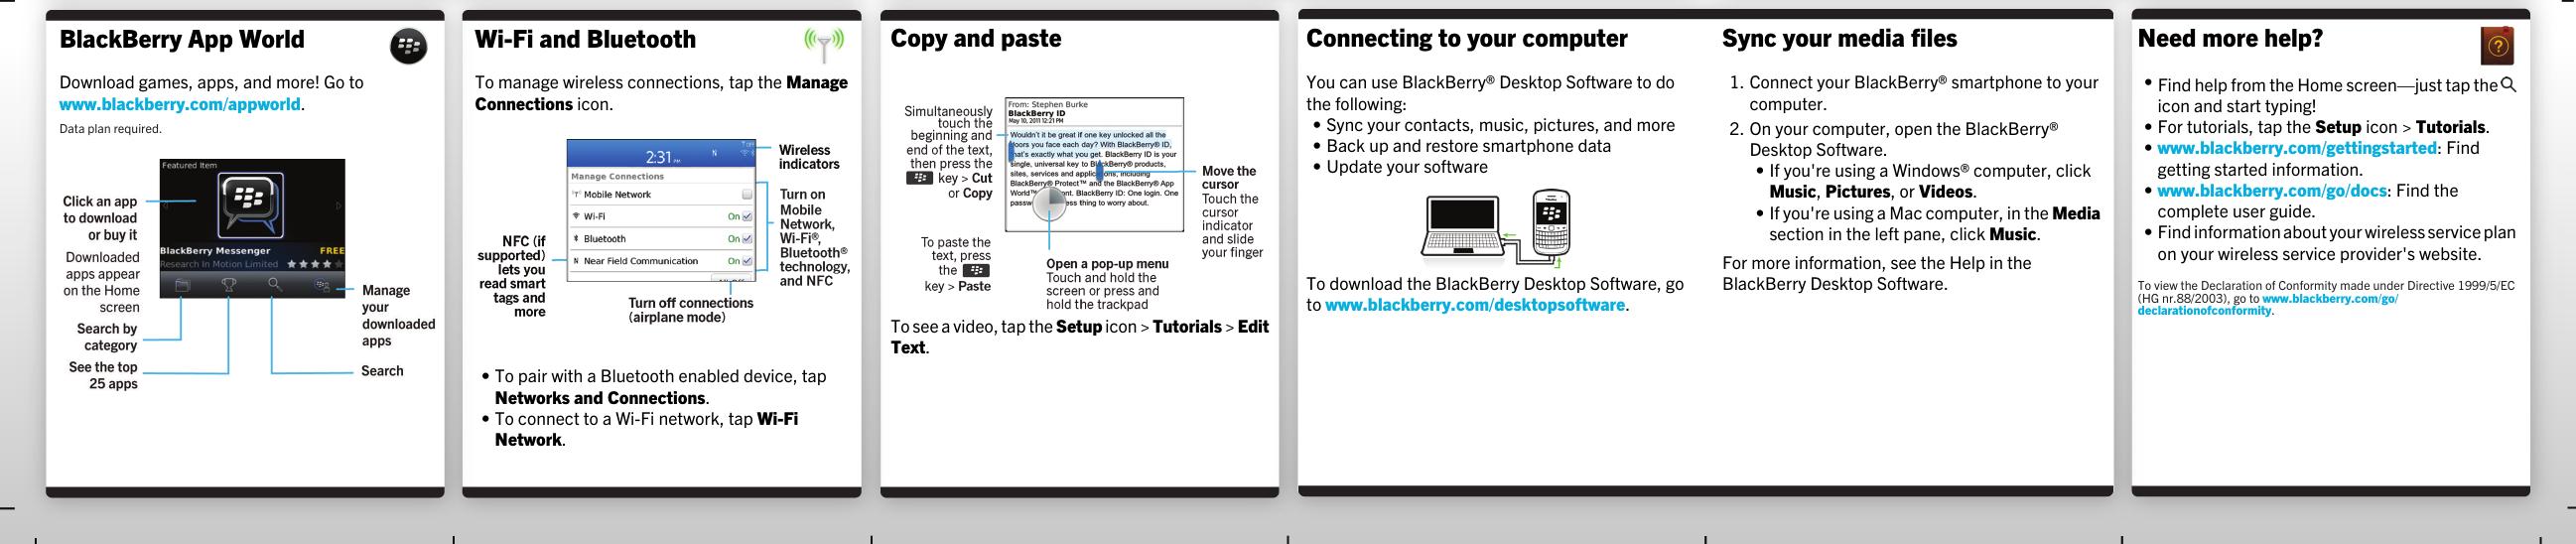 Blackberry Bold 9790 V7 1 Start Here Guide